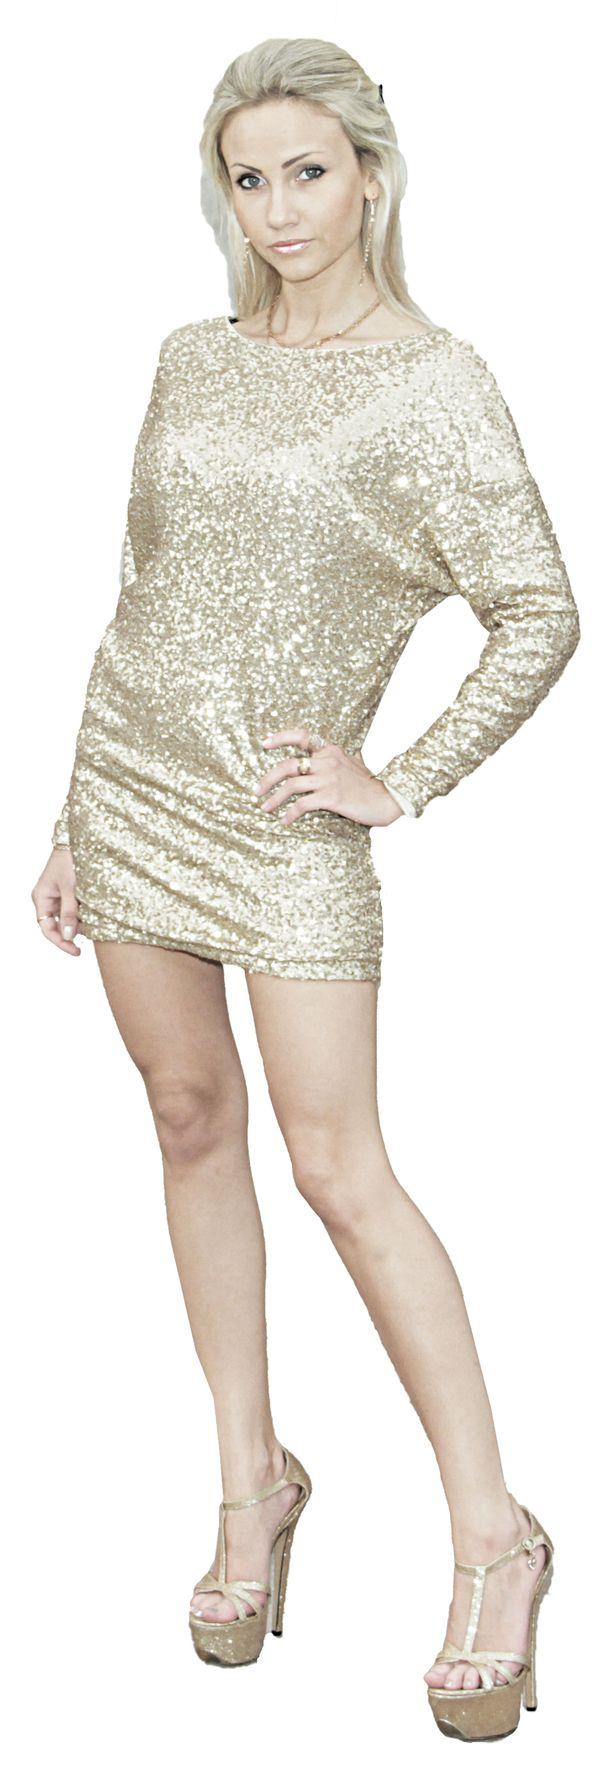 Сверкающее вечернее мини-платье – одна из самых дорогих вещей в гардеробе Ольги. Куплено в Минске за 300 долларов. Обувь девушка также предпочитает покупать дорогую и качественную, приобретает ее только в столичных магазинах, каждая пара обходится в 200–3